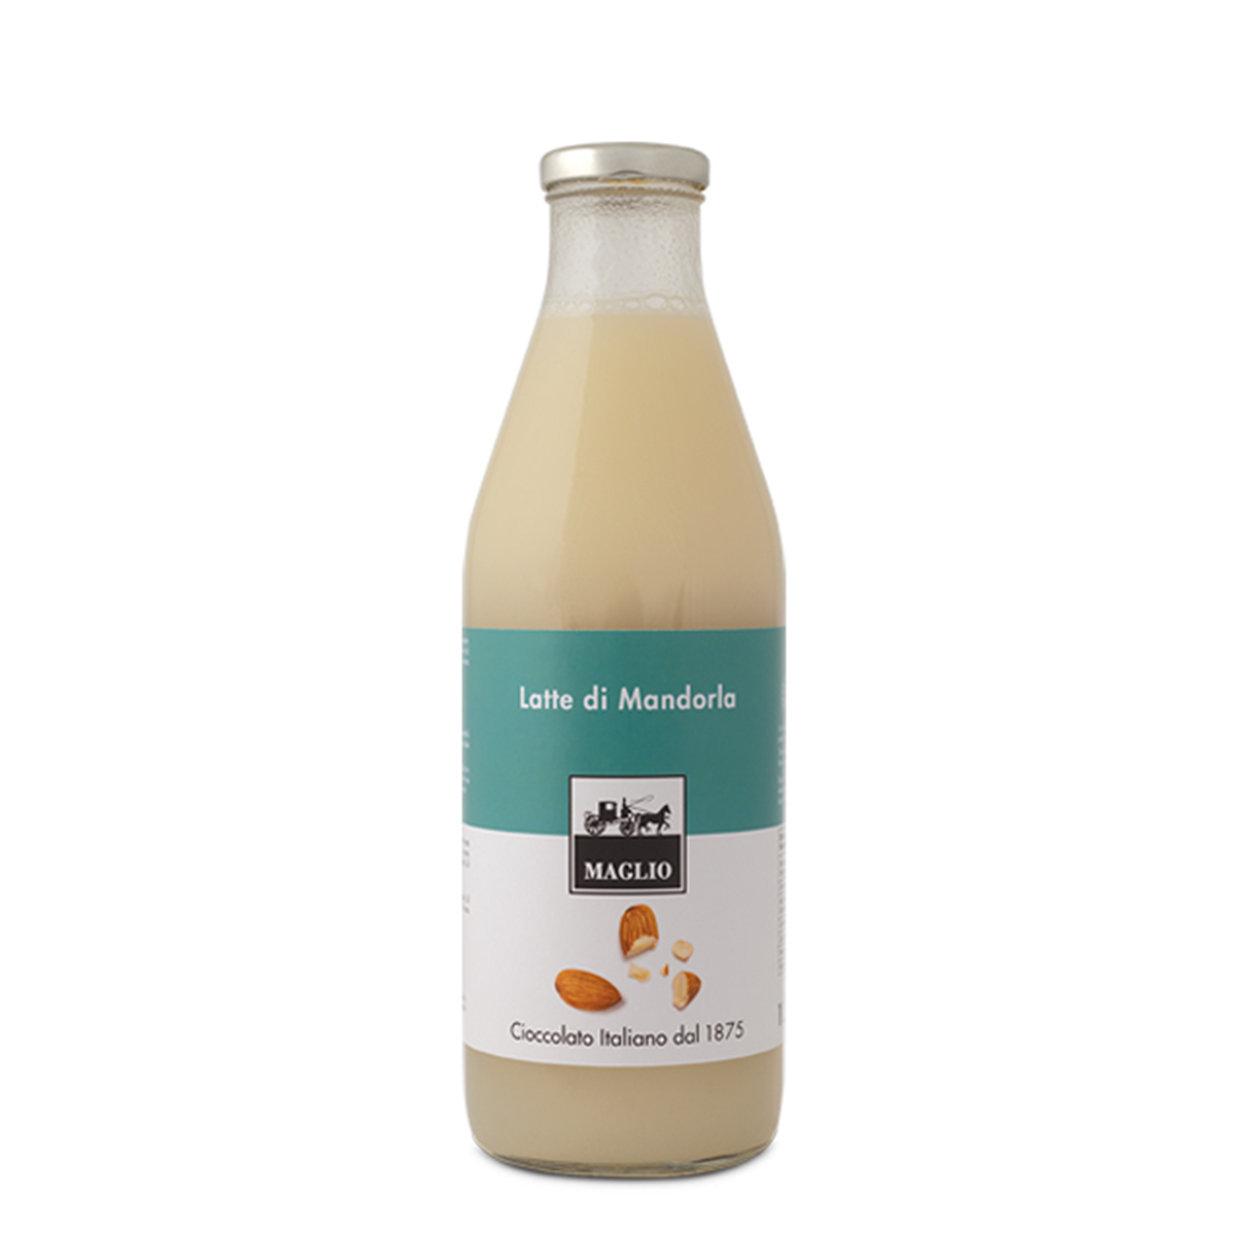 1 bottiglia - Latte di Mandorla 1 lt